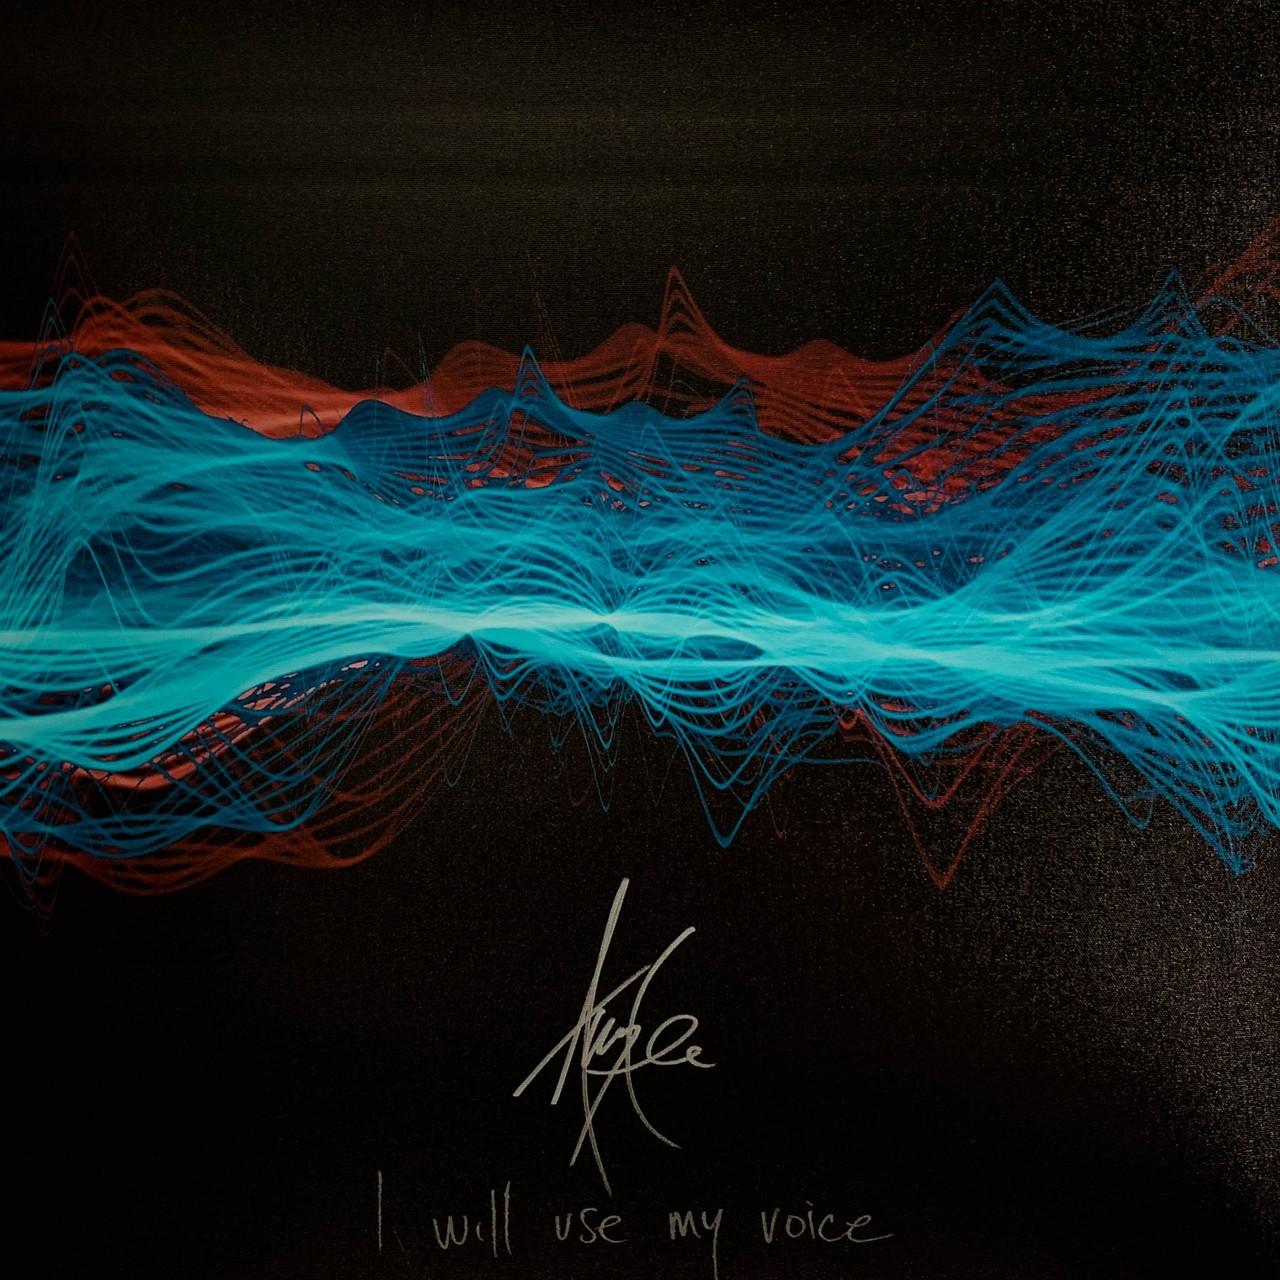 Evanescence с песней Use My Voice в художественном проекте Sound Art Foundation